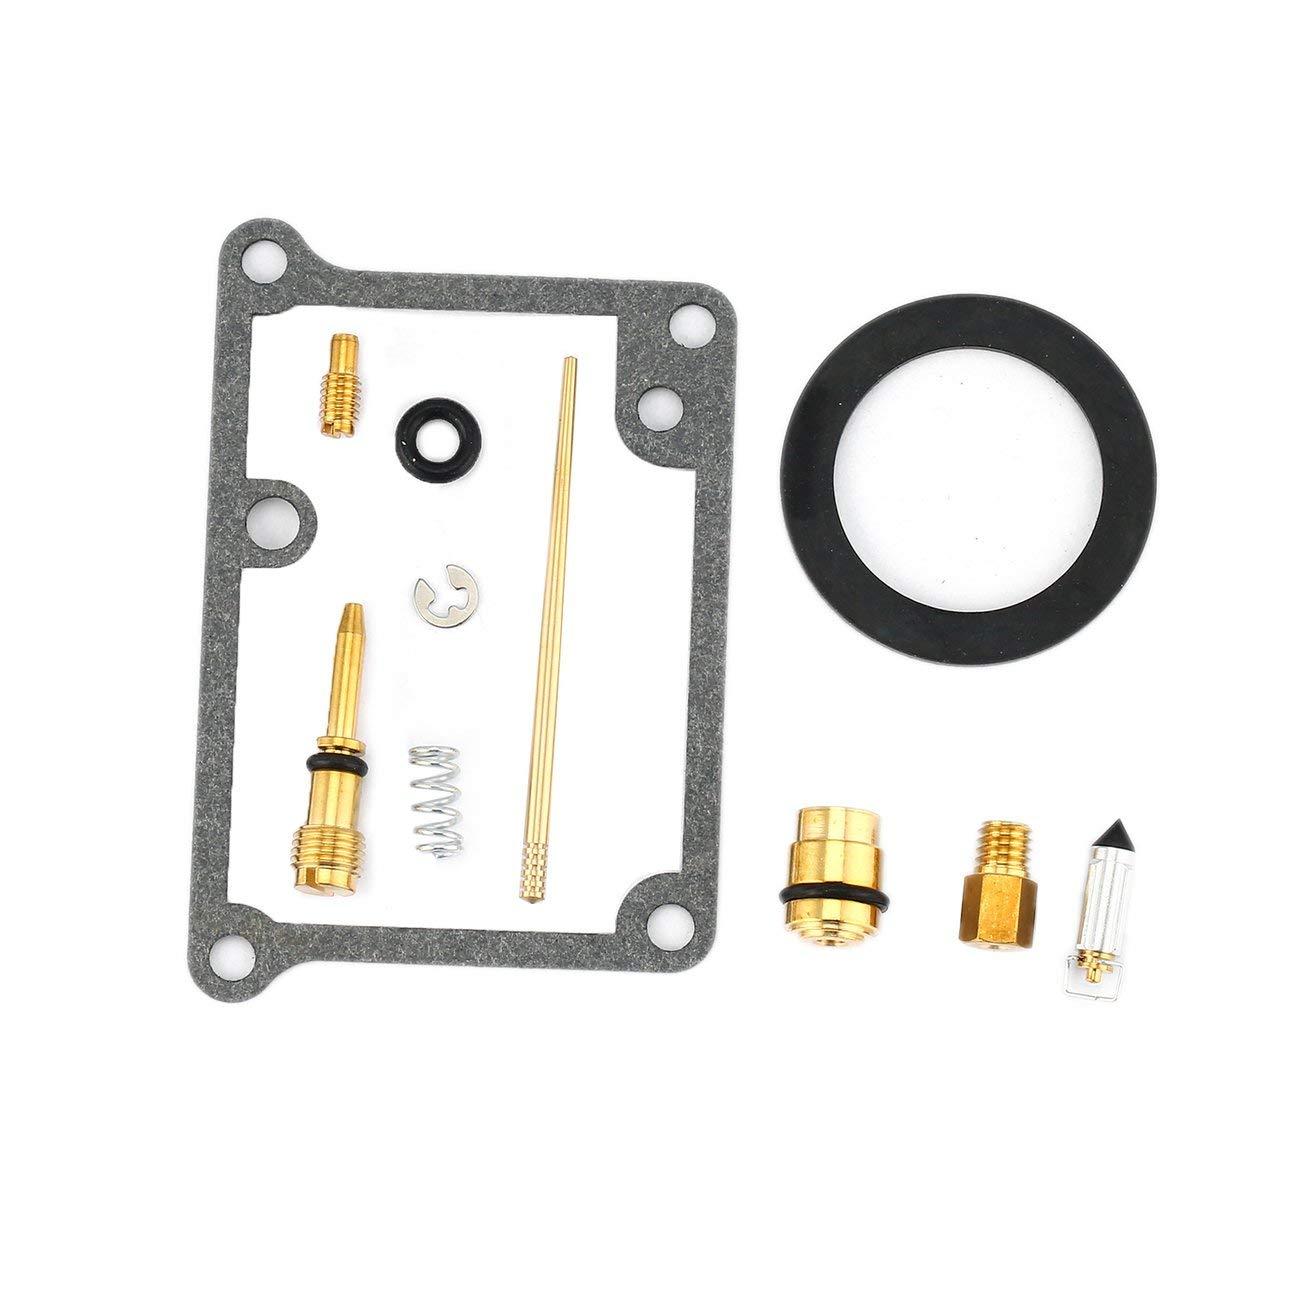 MachinYesell Kit de pi/èces de r/éparation carburateur//carb Rebuild pour kit de r/éparation de carburateur Yamaha Blaster 200 YFS200 1988-2006 noir